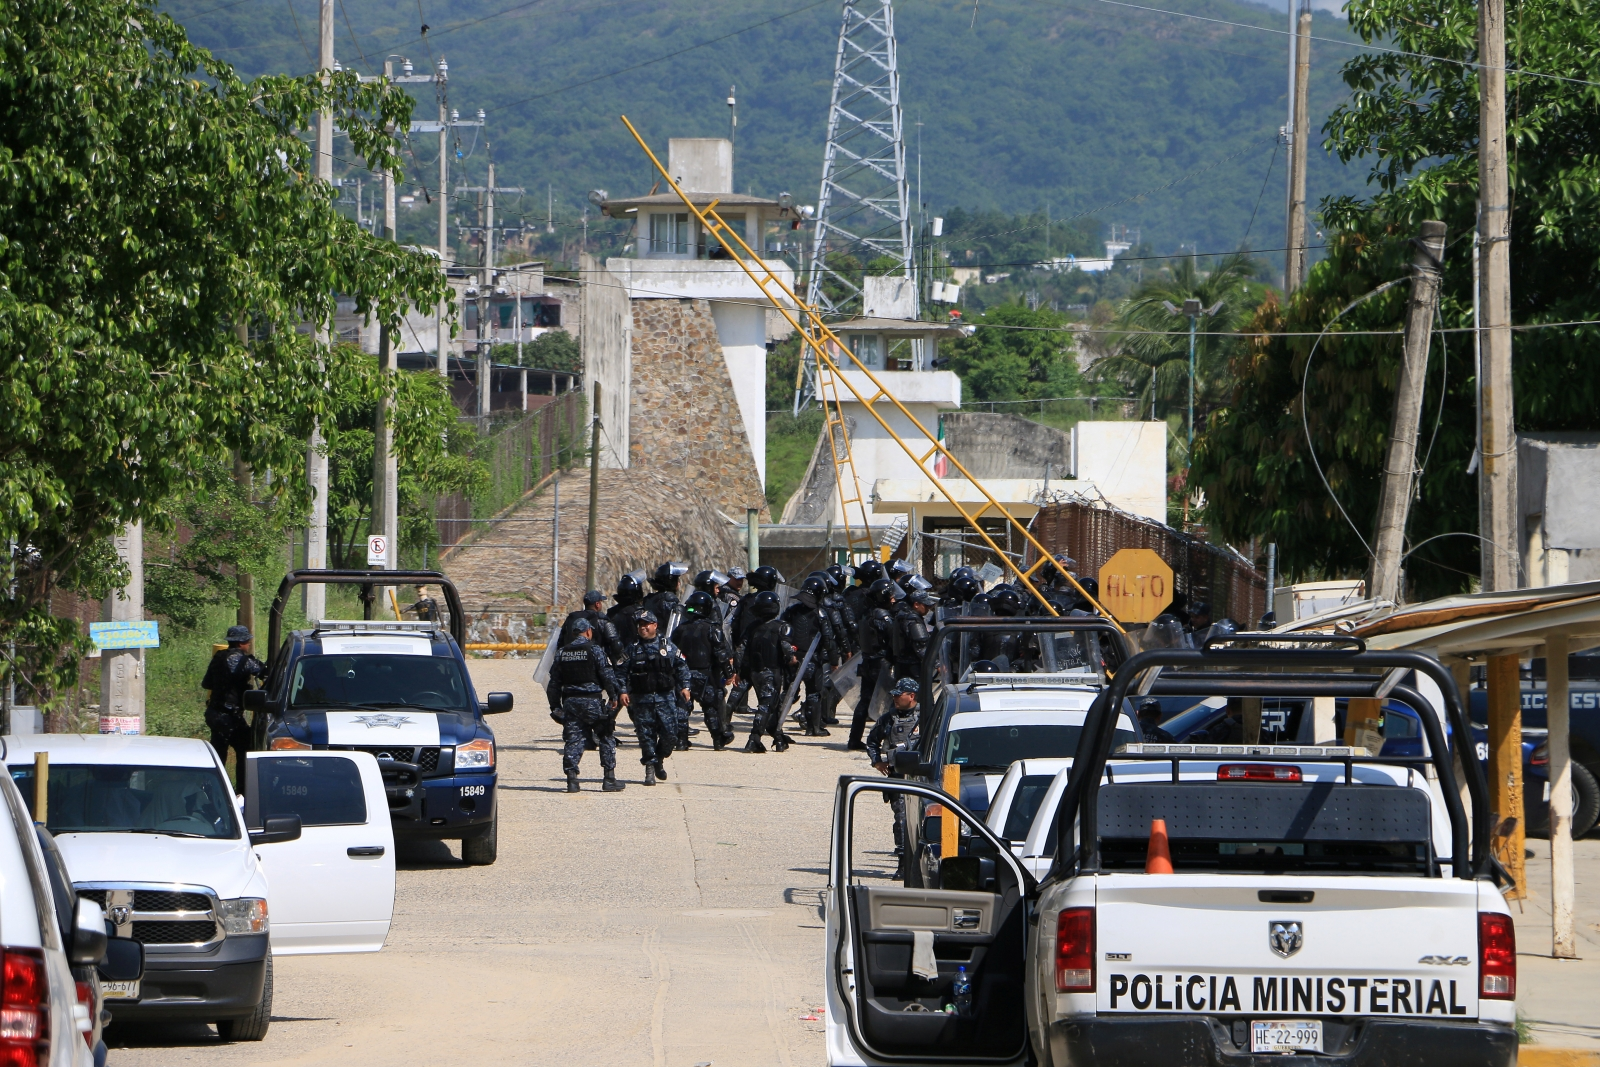 Riot police enter Acapulco prison